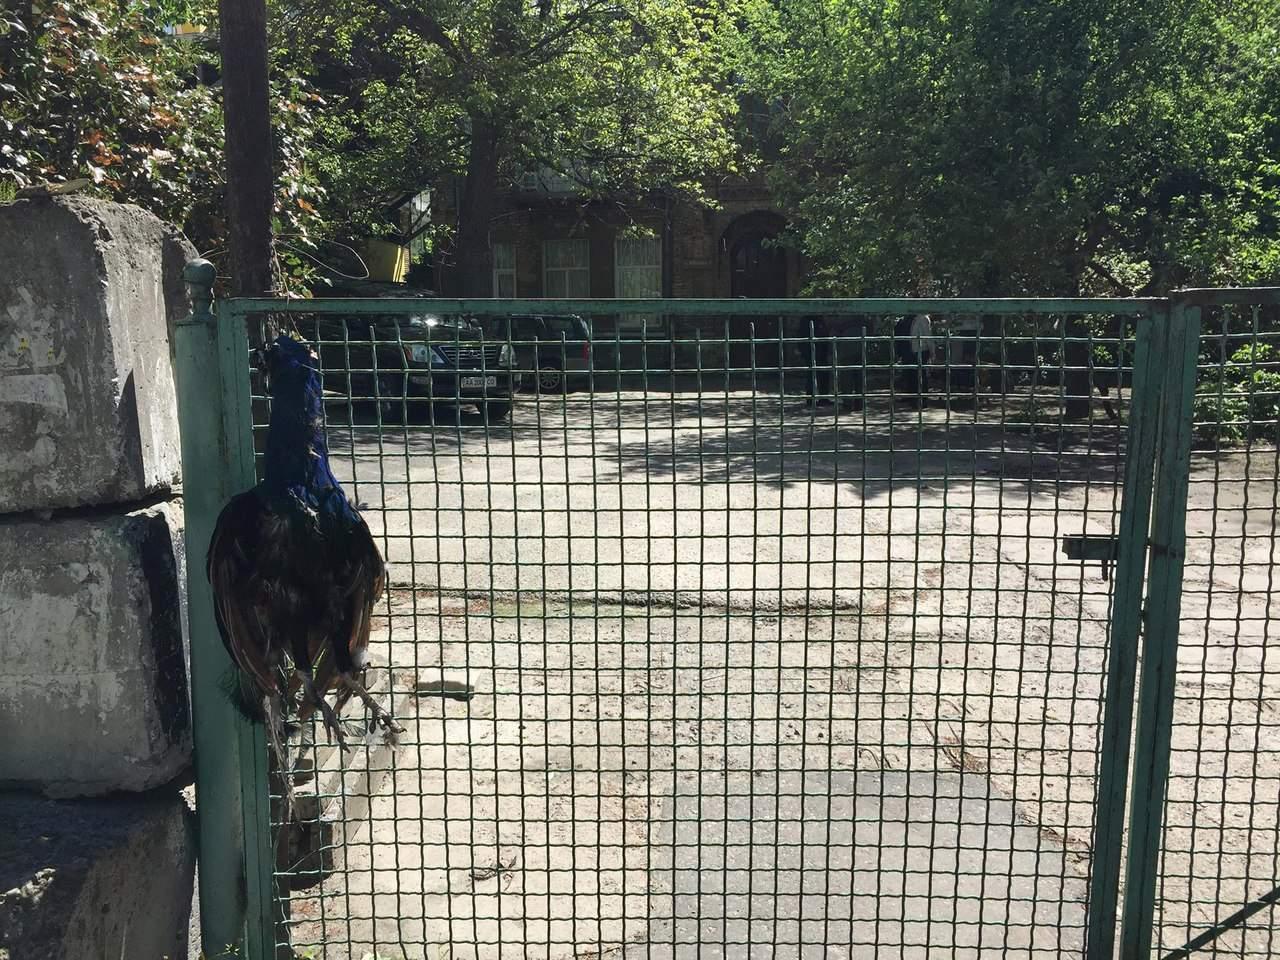 Невиданная жестокость: в Киеве живодёры убили павлина и повесили его на заборе (фото)